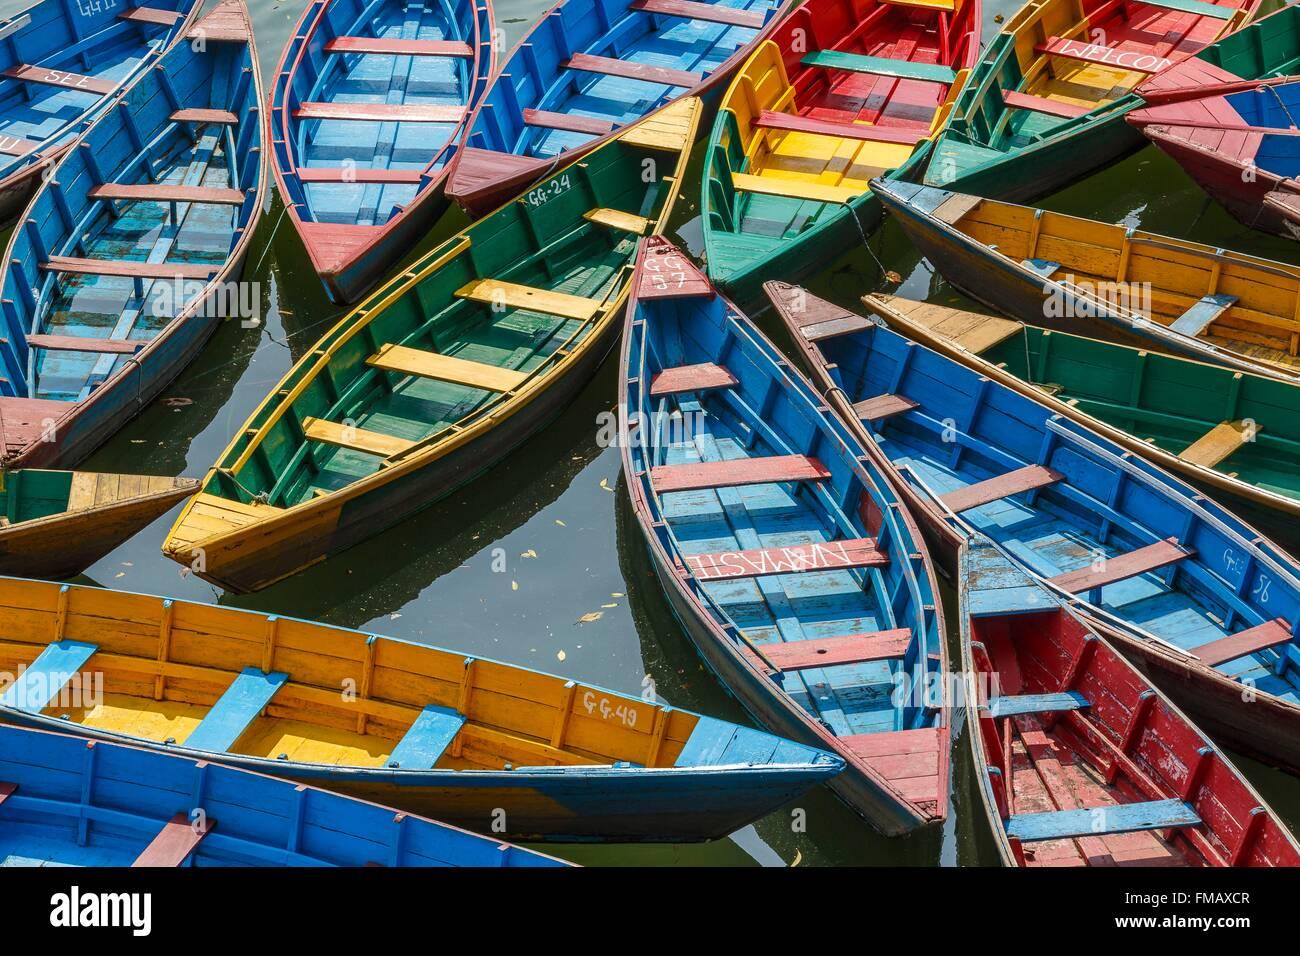 Nepal, Gandaki zone, Pokhara, colored boats on the Phewa lake - Stock Image